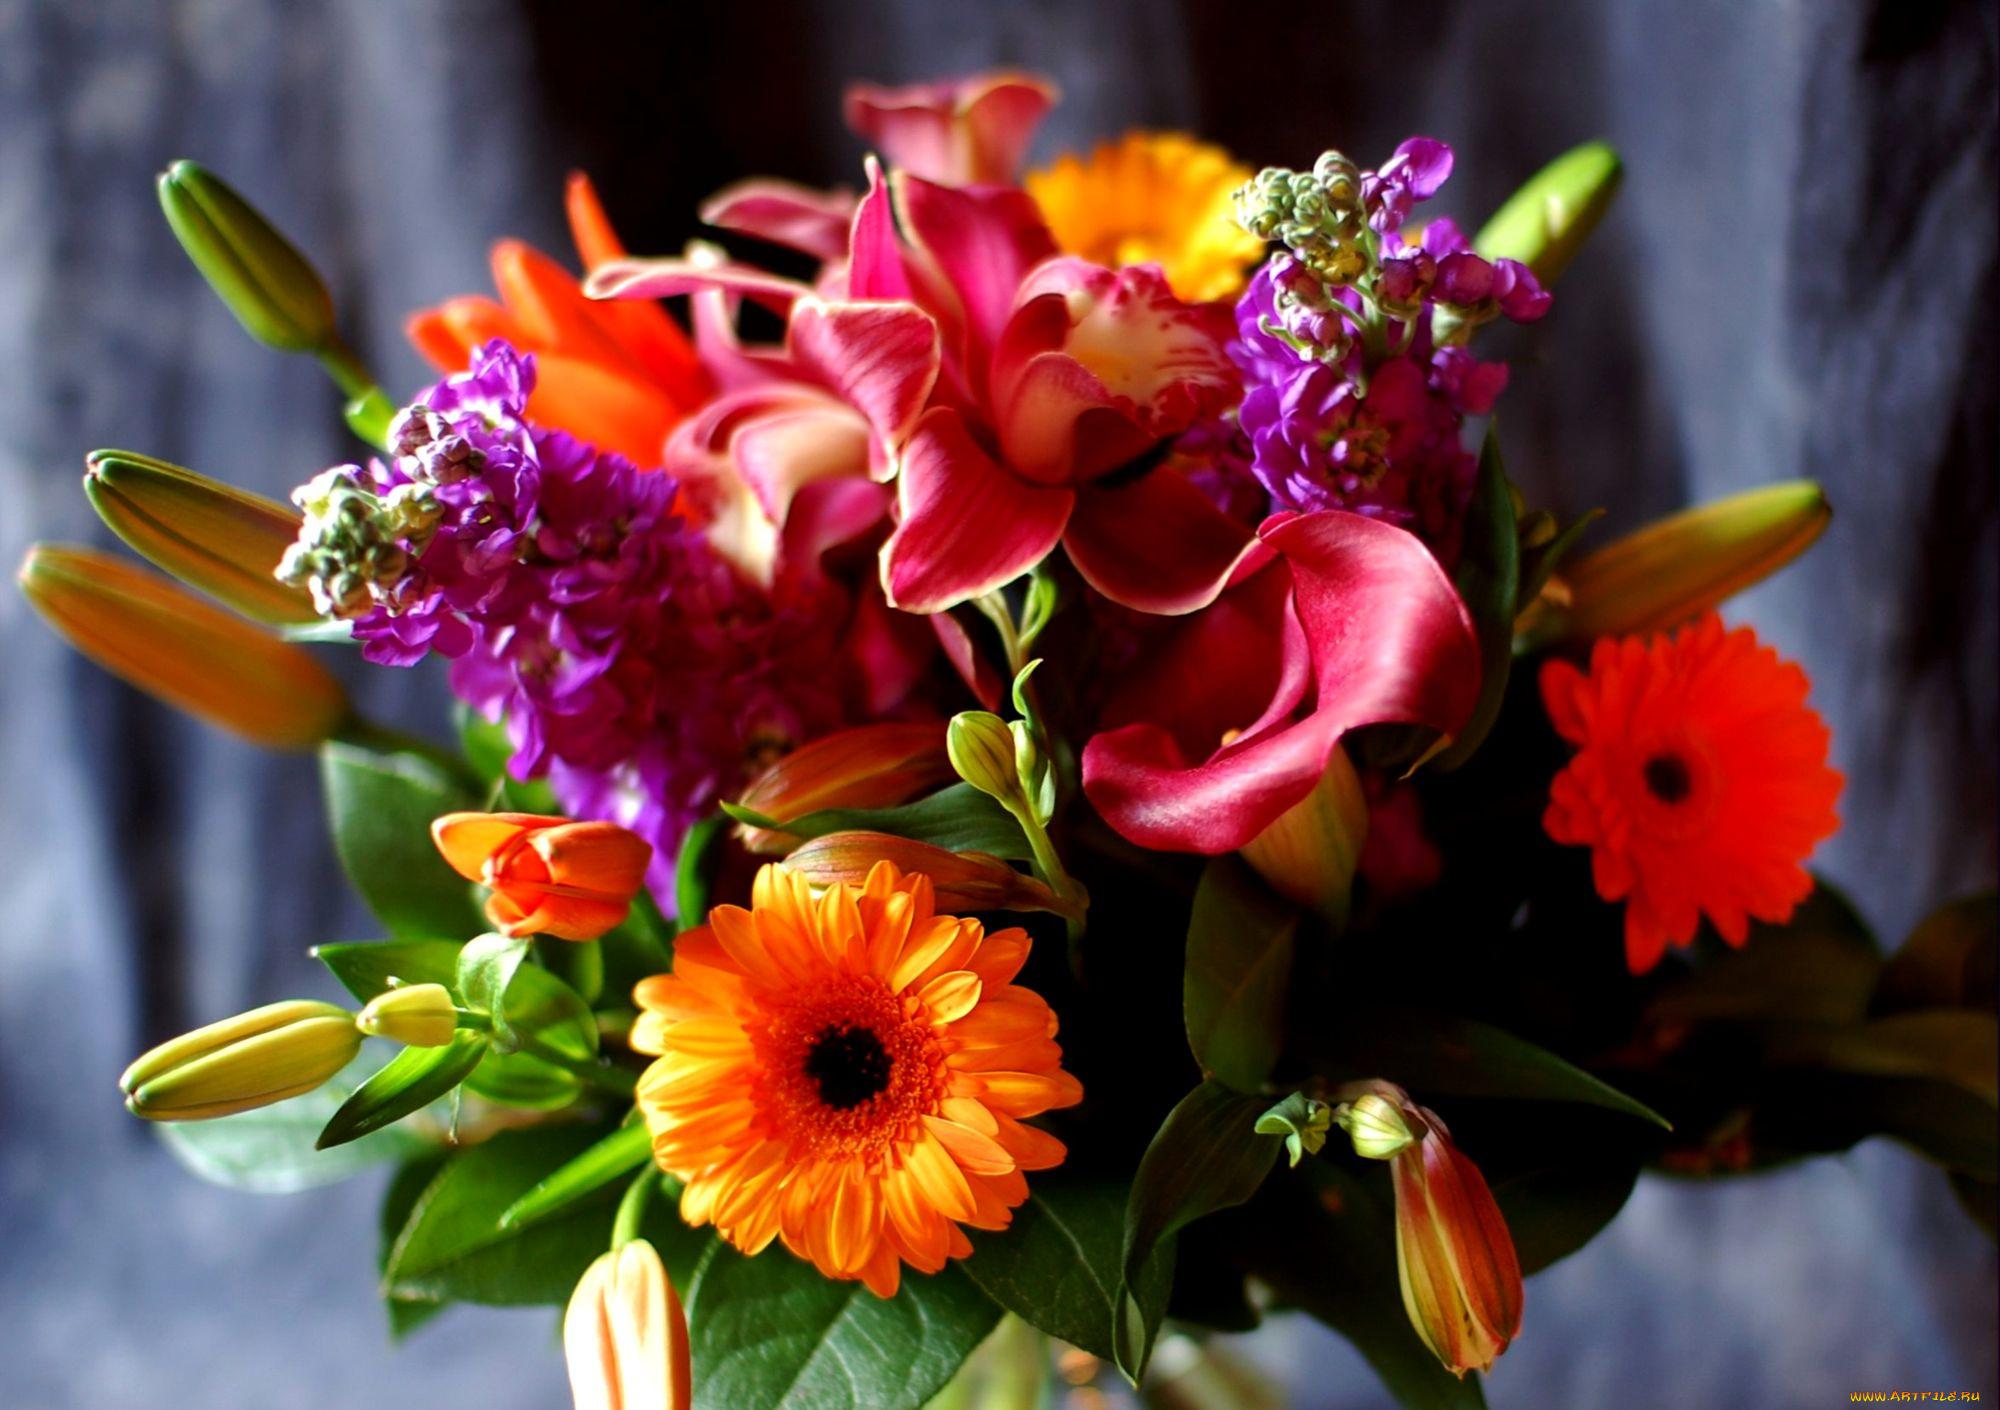 Сделать картона, картинка с очень красивыми цветами